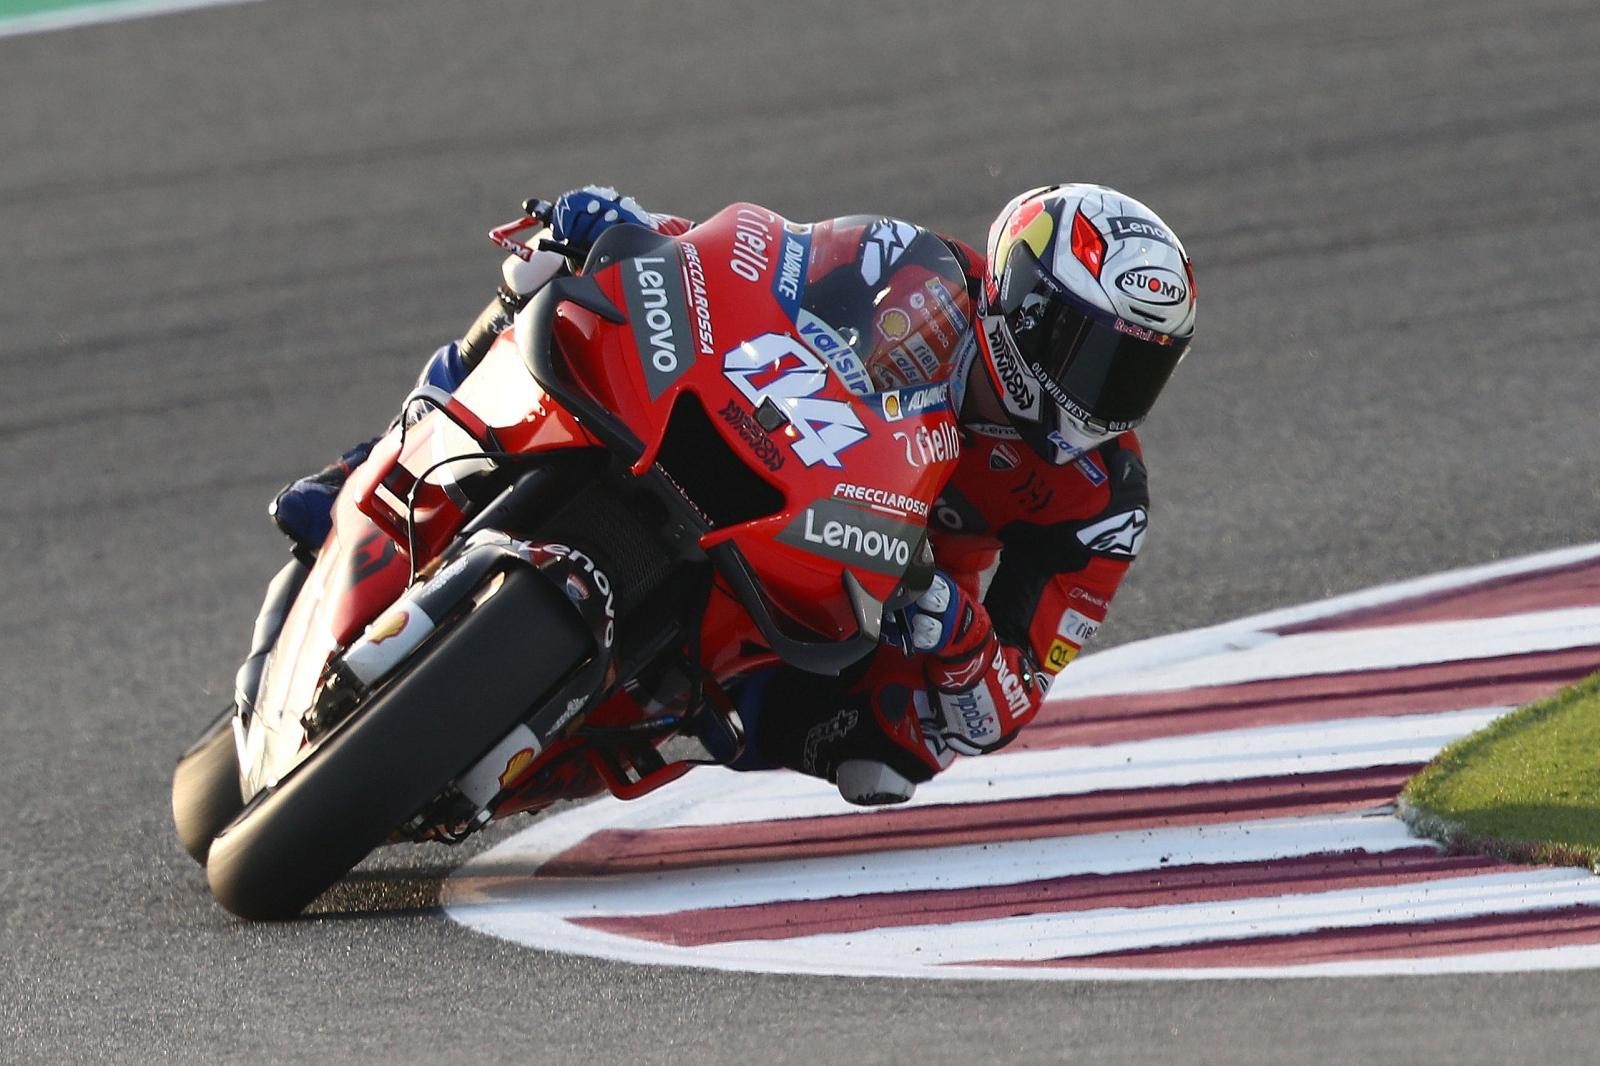 Pilotos Mundial MotoGP 2020 test Qatar